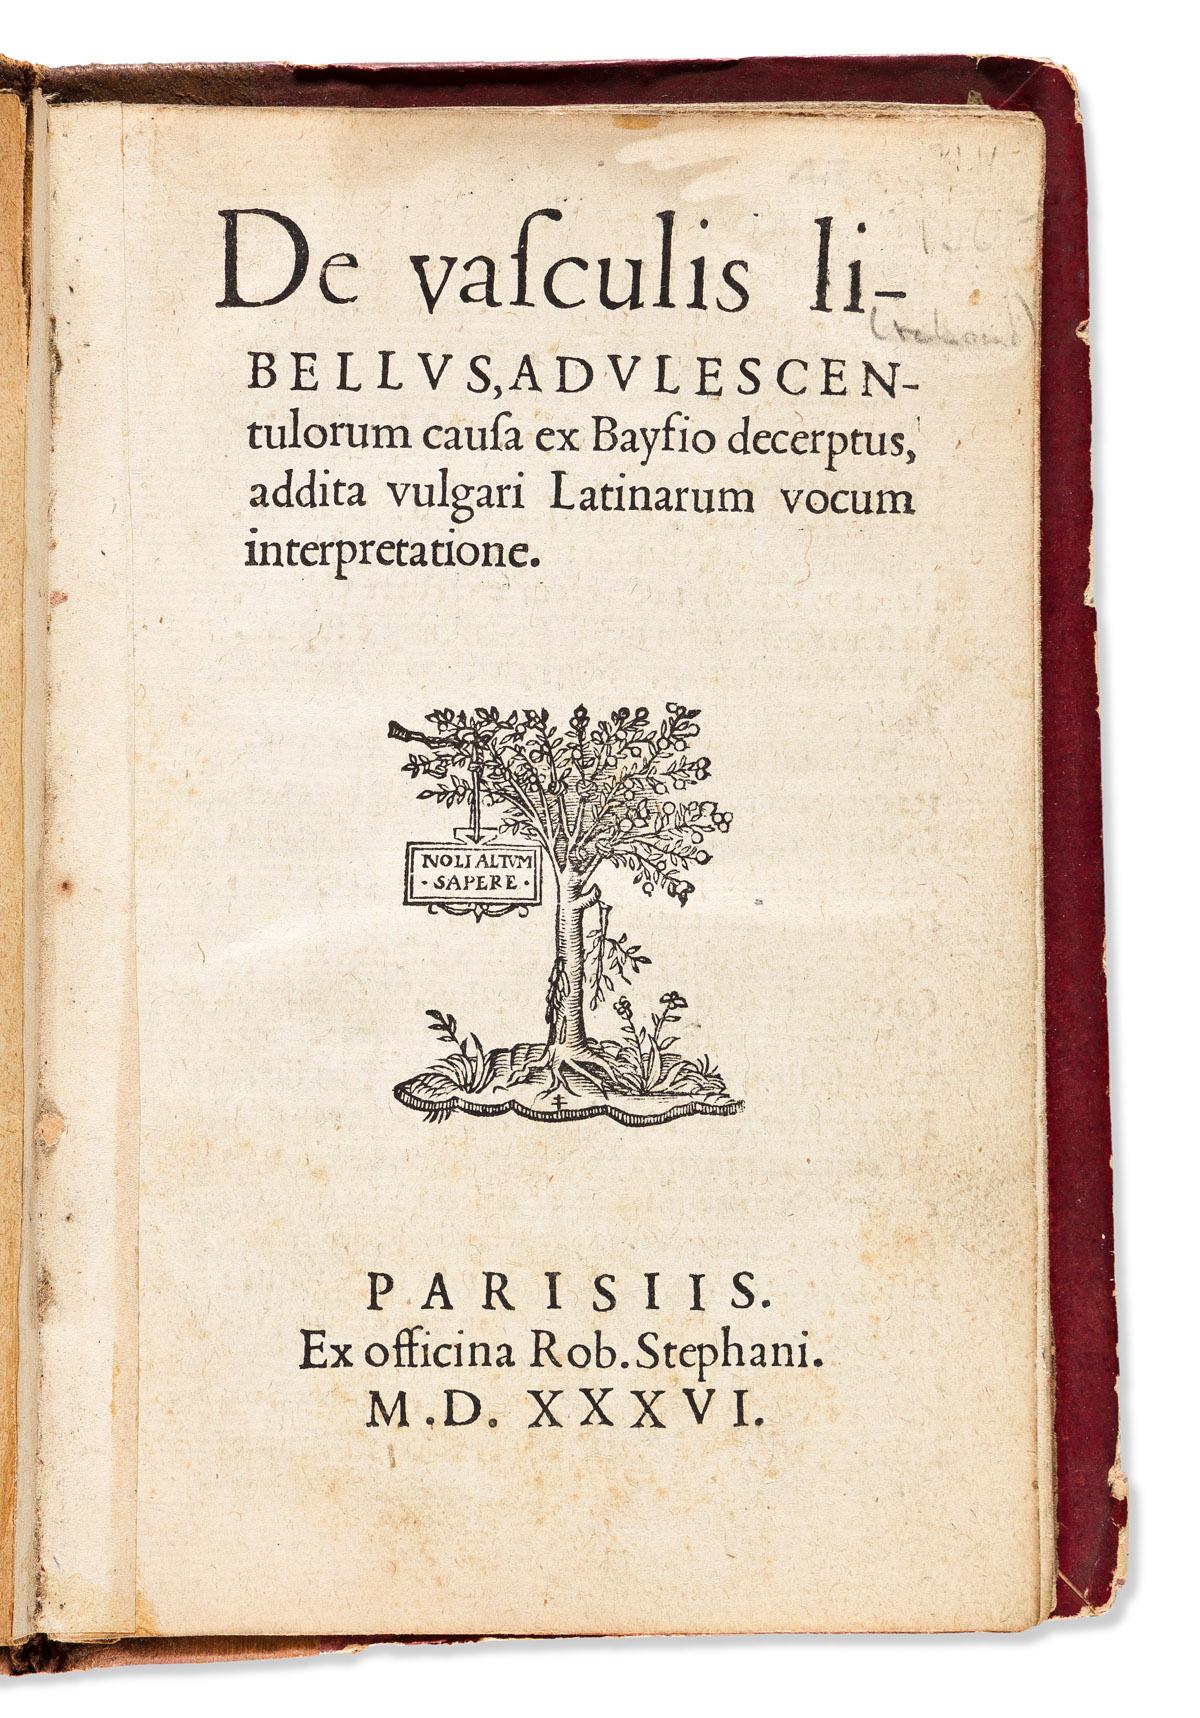 Estienne, Charles (1504-1564) De Vasculis Libellus, Adulescentulorum Causa ex Bayfio Decerptus, Addita Vulgari Latinarum Vocum Interpre